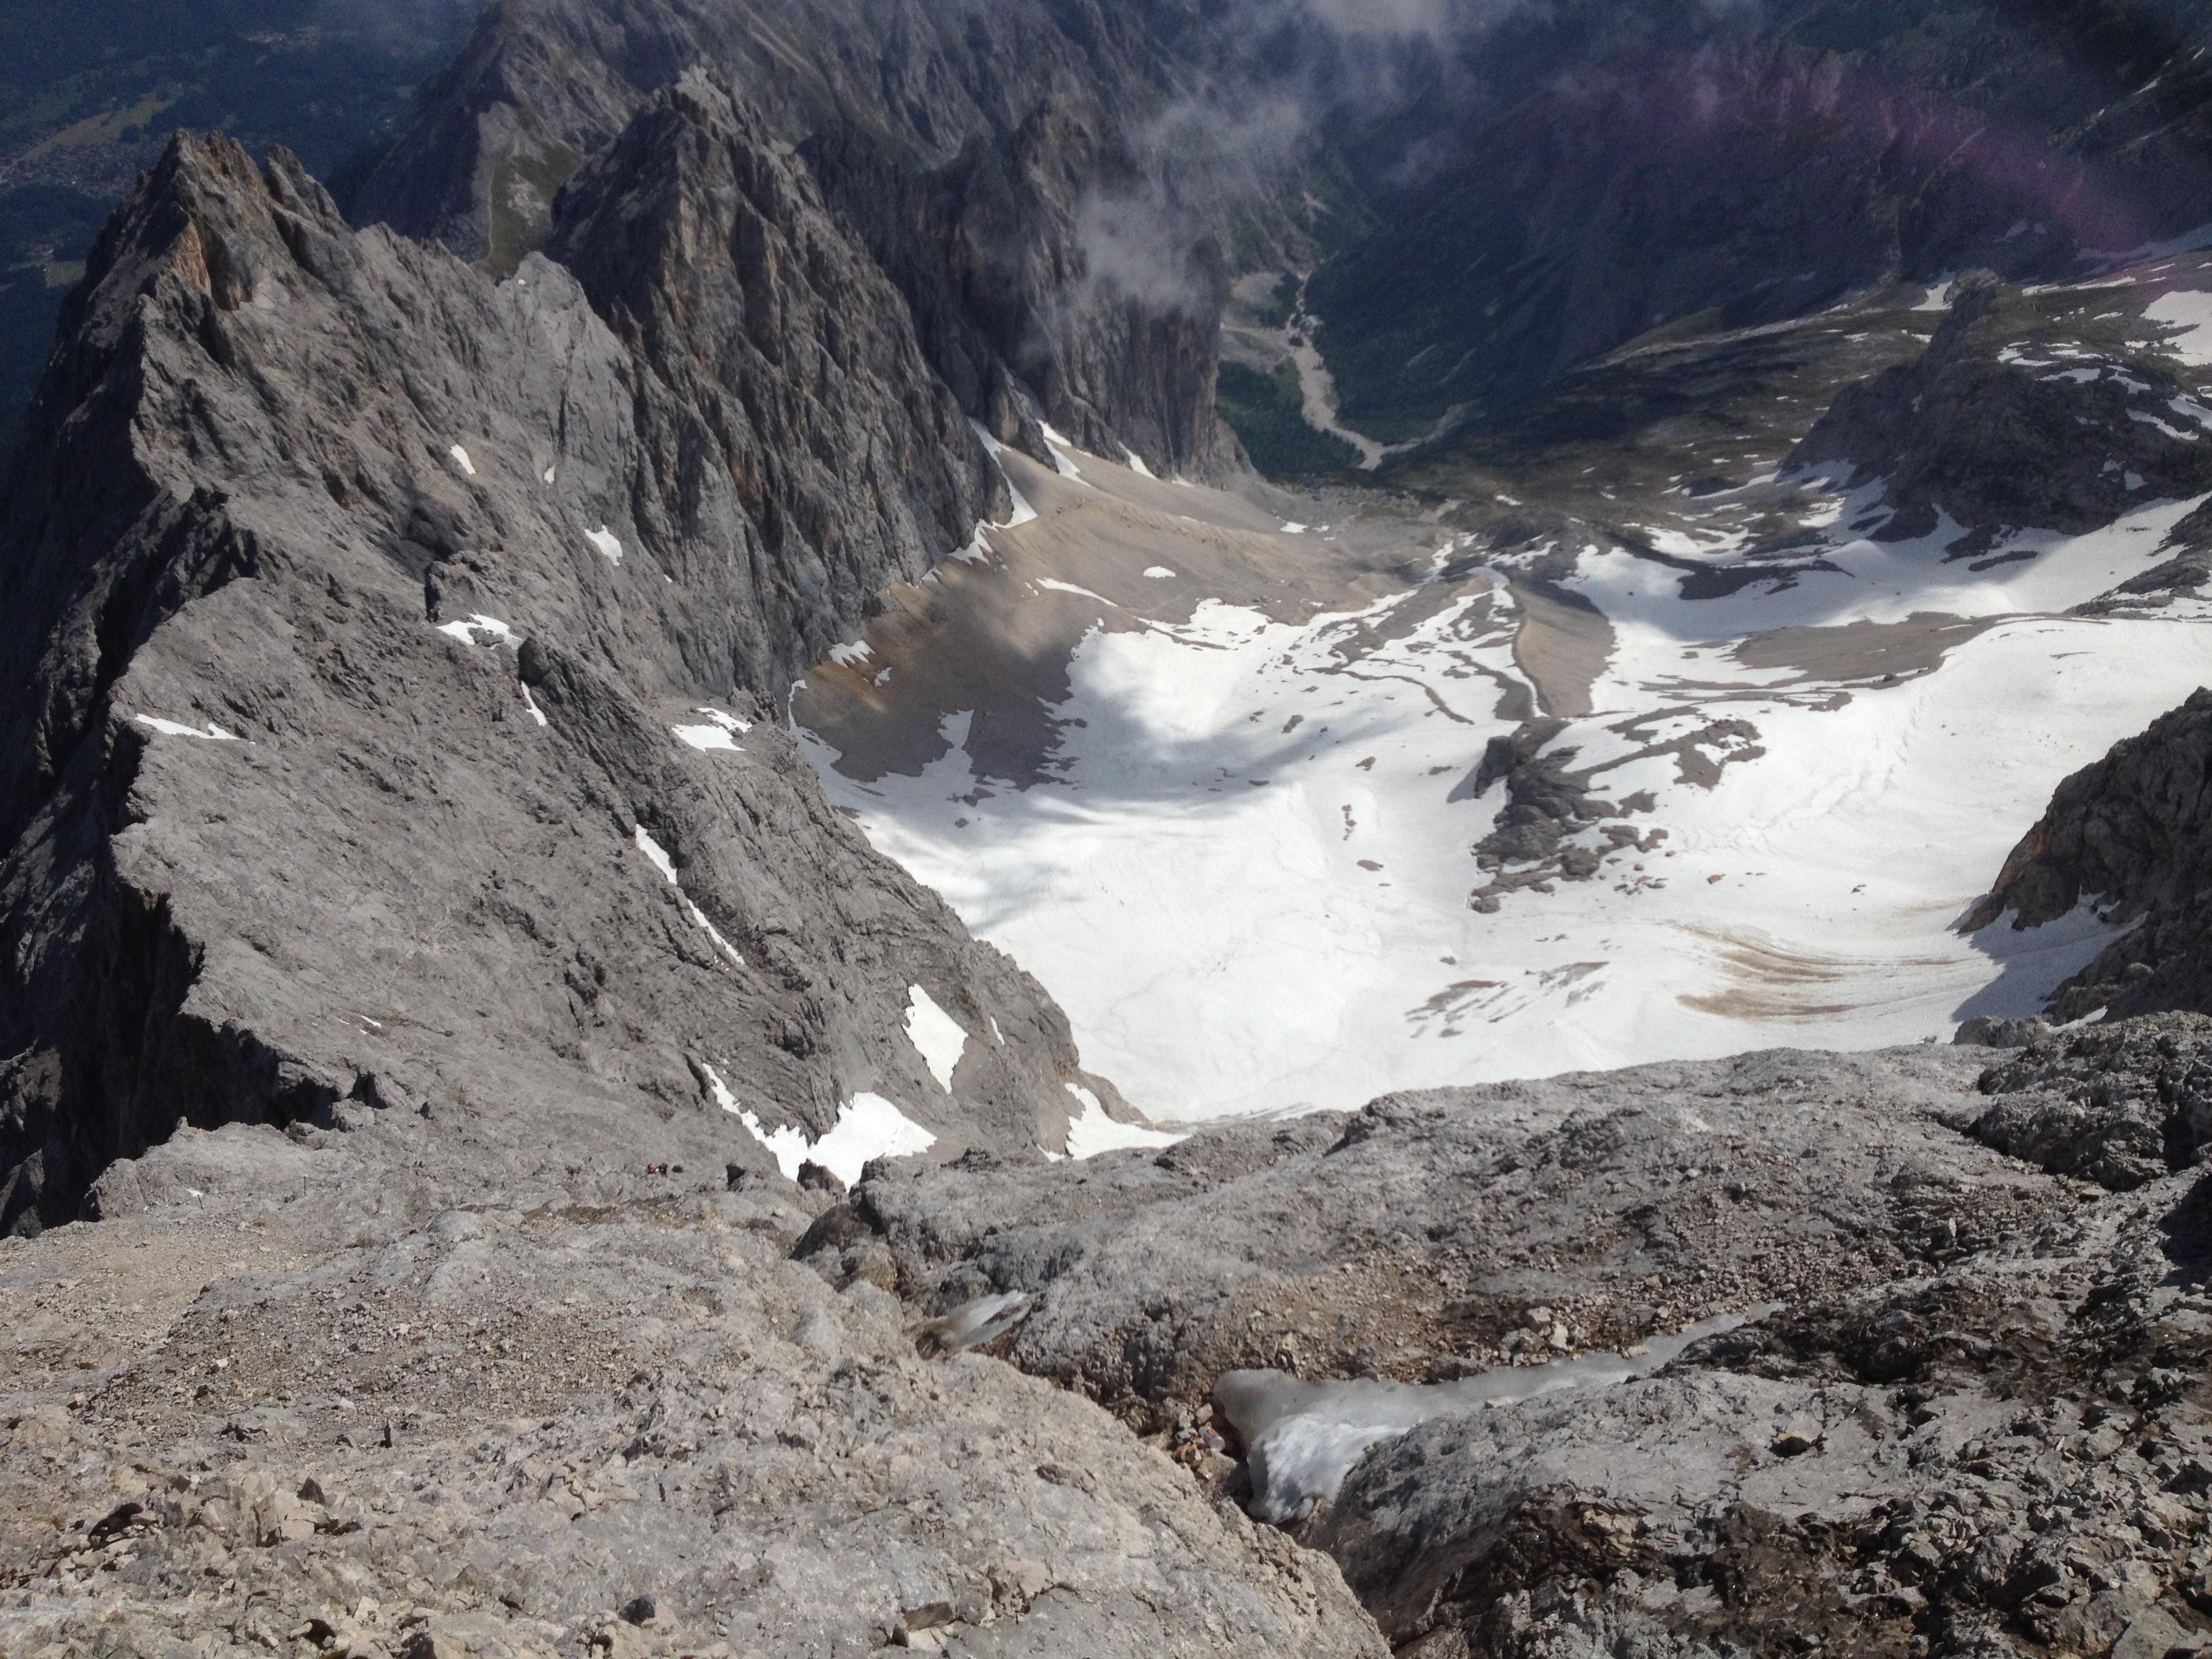 Klettersteigset Ausleihen Garmisch : Tourenbedingungen an alpspitze und zugspitze bei garmisch